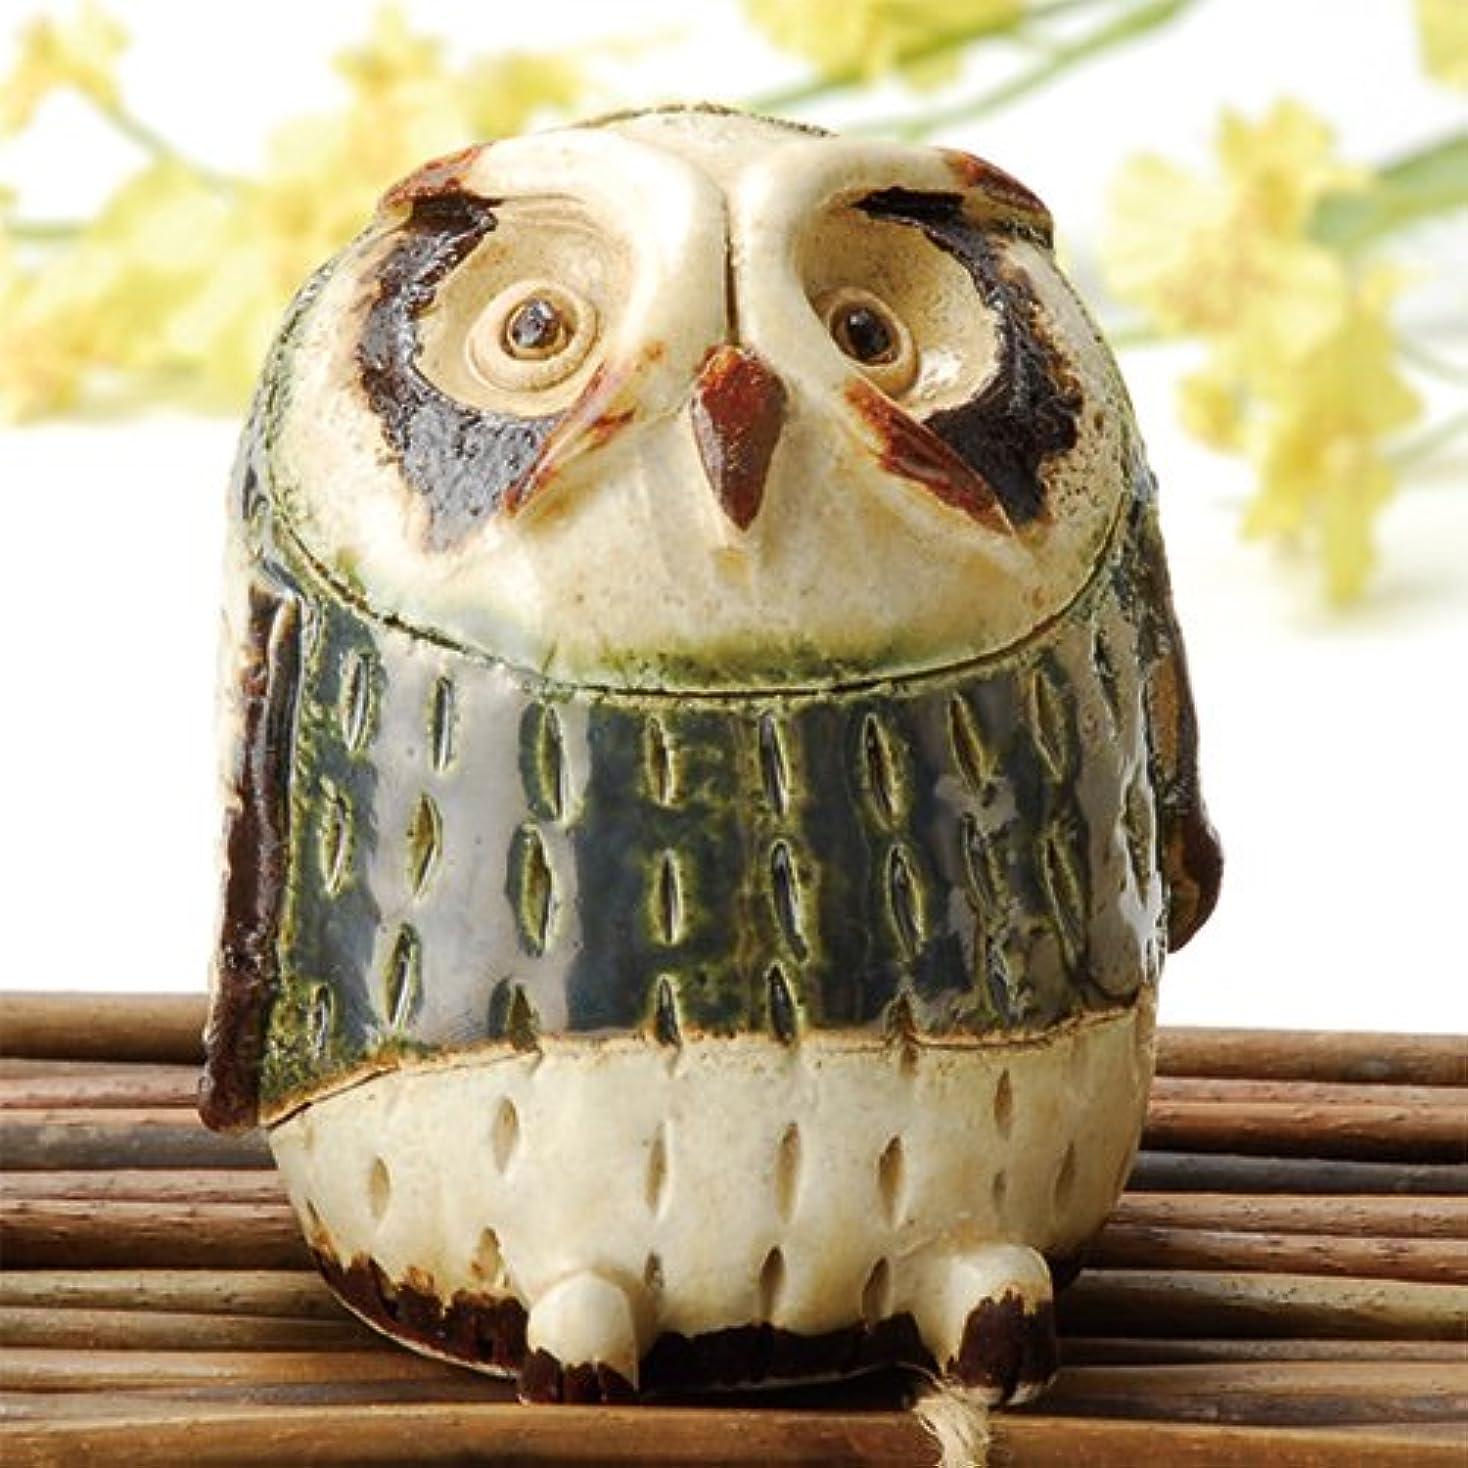 香炉 白萩 フクロウ 香炉(中) [H9cm] HANDMADE プレゼント ギフト 和食器 かわいい インテリア